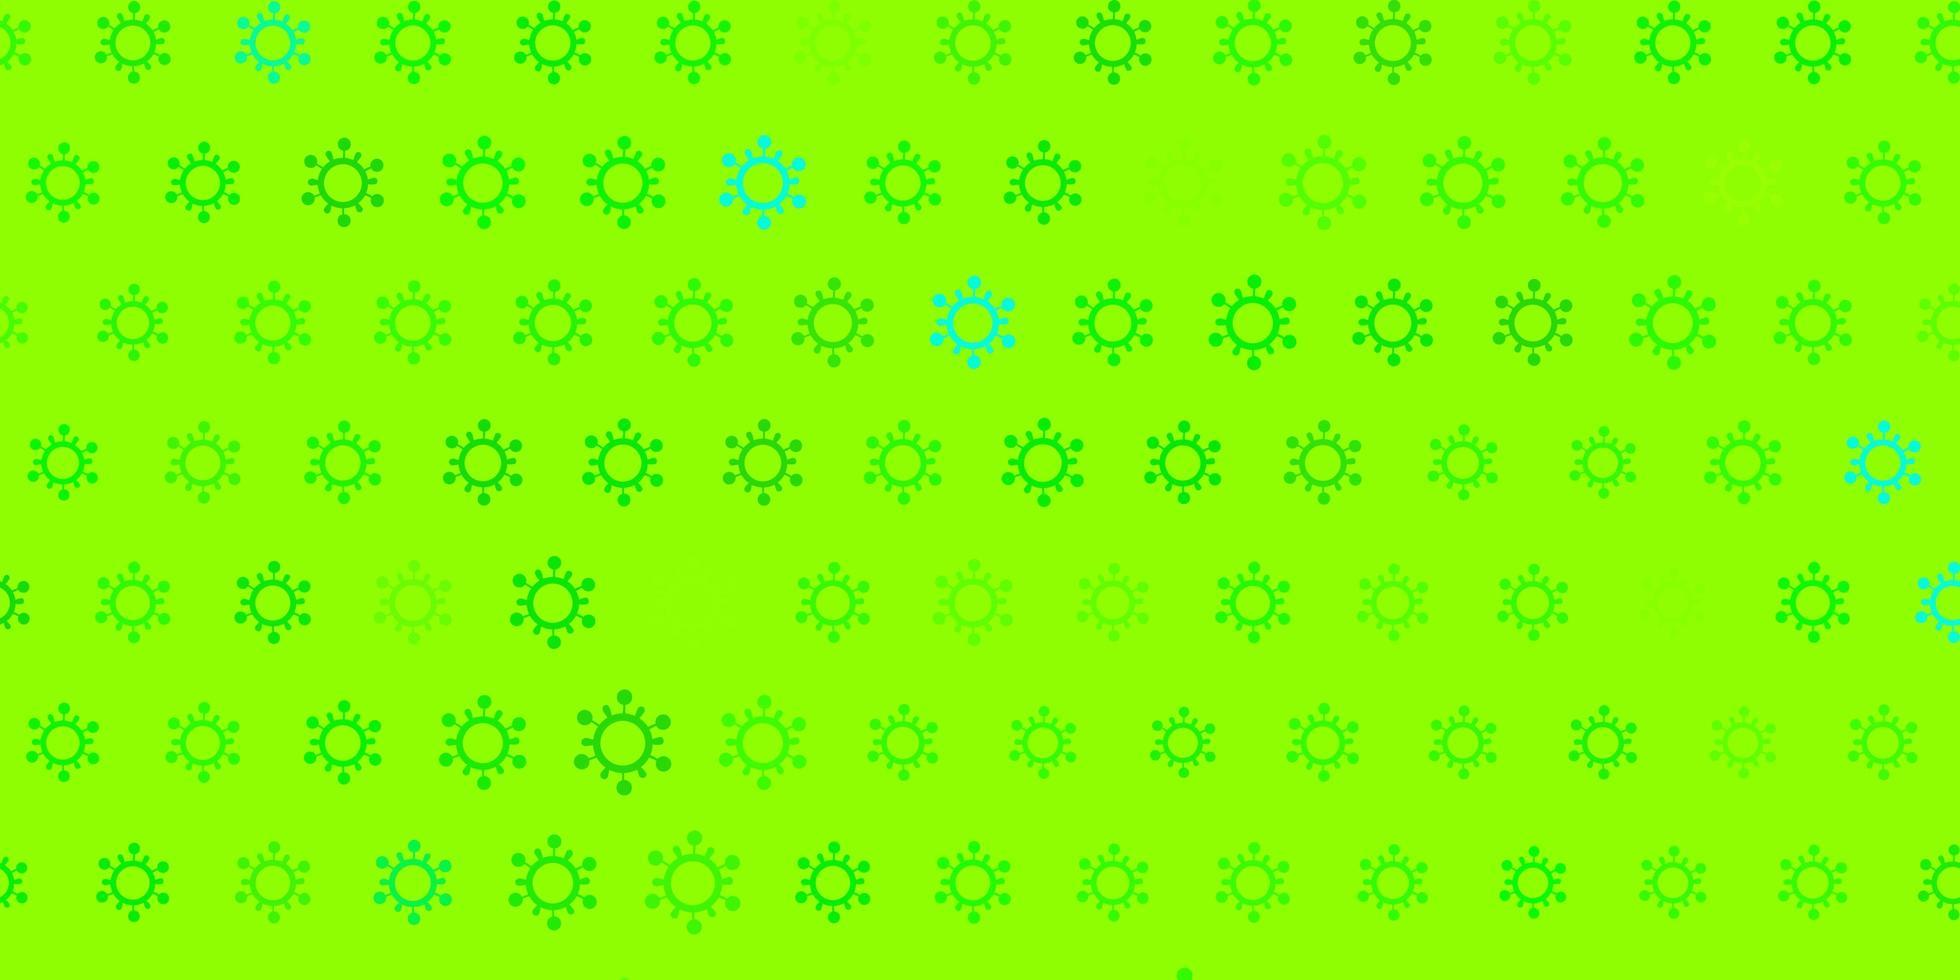 ljusgrön konsistens med sjukdomssymboler. vektor